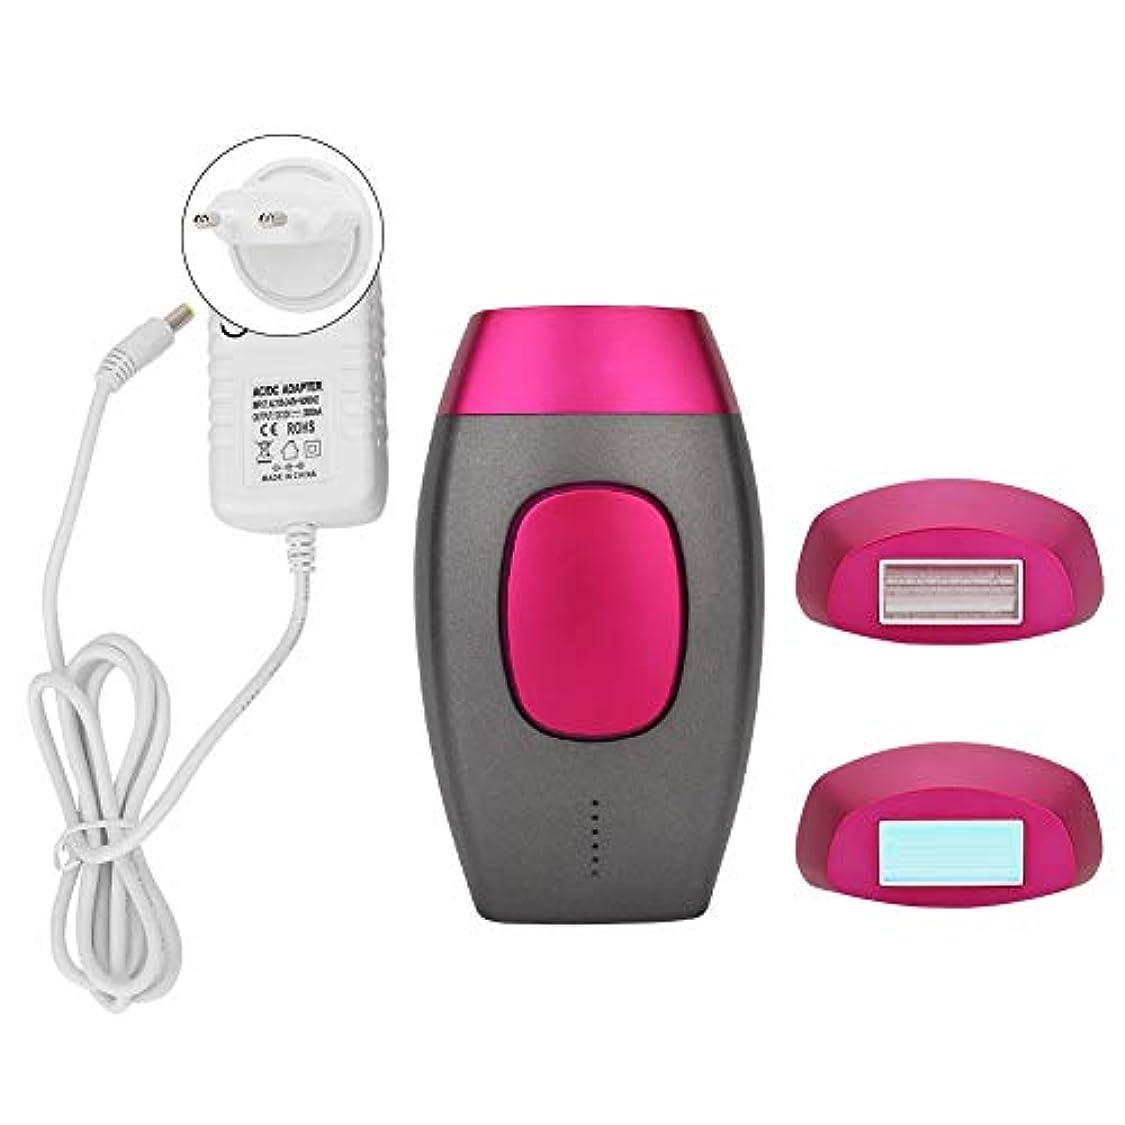 赤バリケード抵当女性のためのヘアリムーバー、眉毛鼻トリマーを含む防水フェイシャルシェーバーボディシェーバー(US Plug)